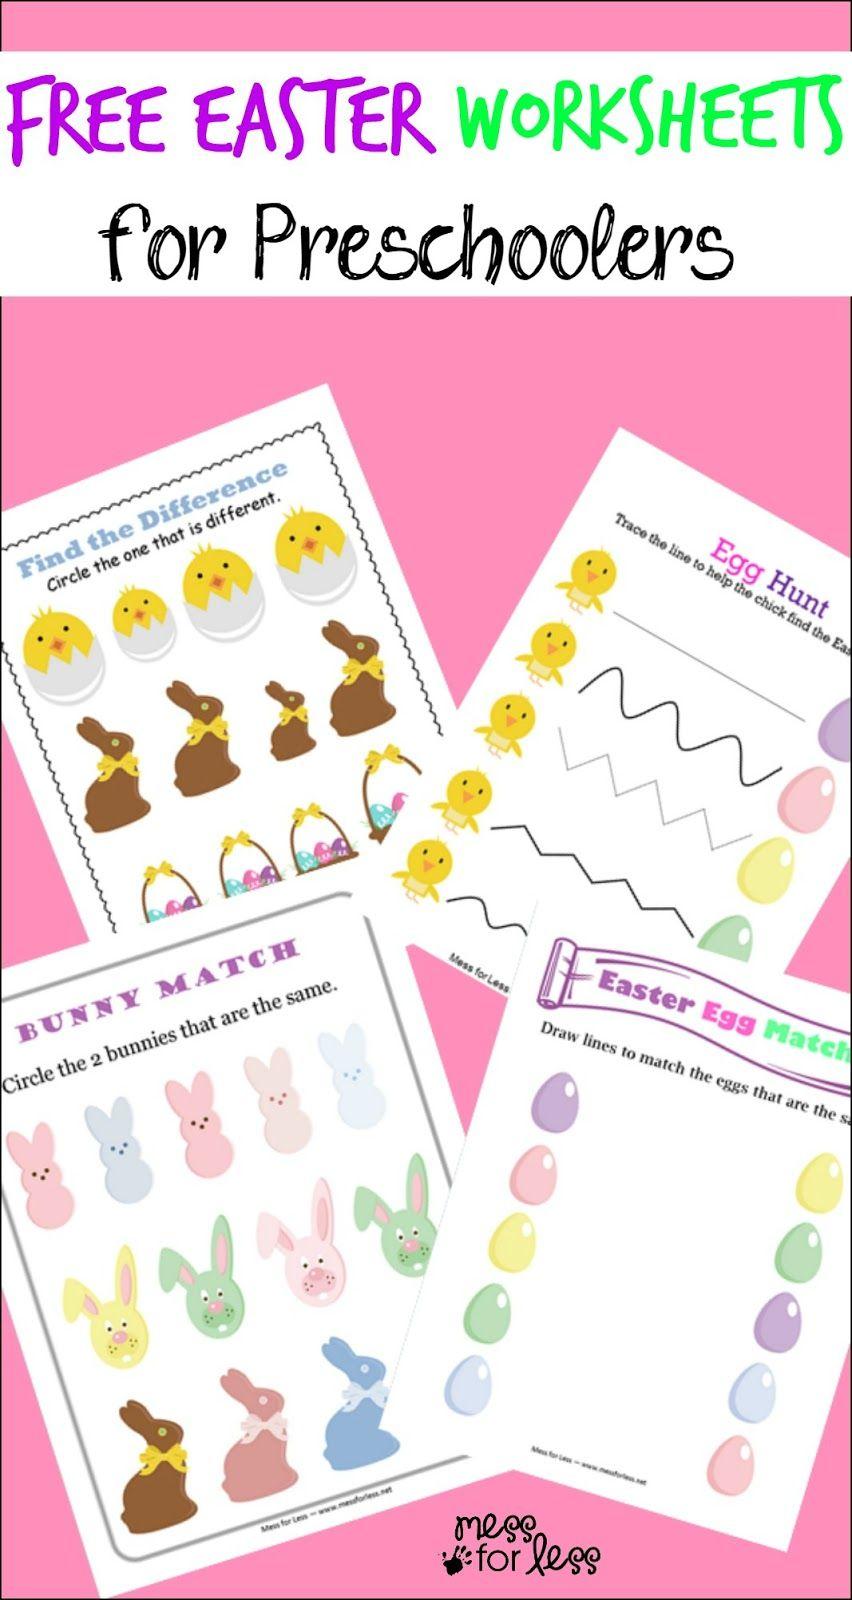 Free Easter Preschool Worksheets Easter Preschool Worksheets Easter Worksheets Easter Preschool [ 1600 x 852 Pixel ]